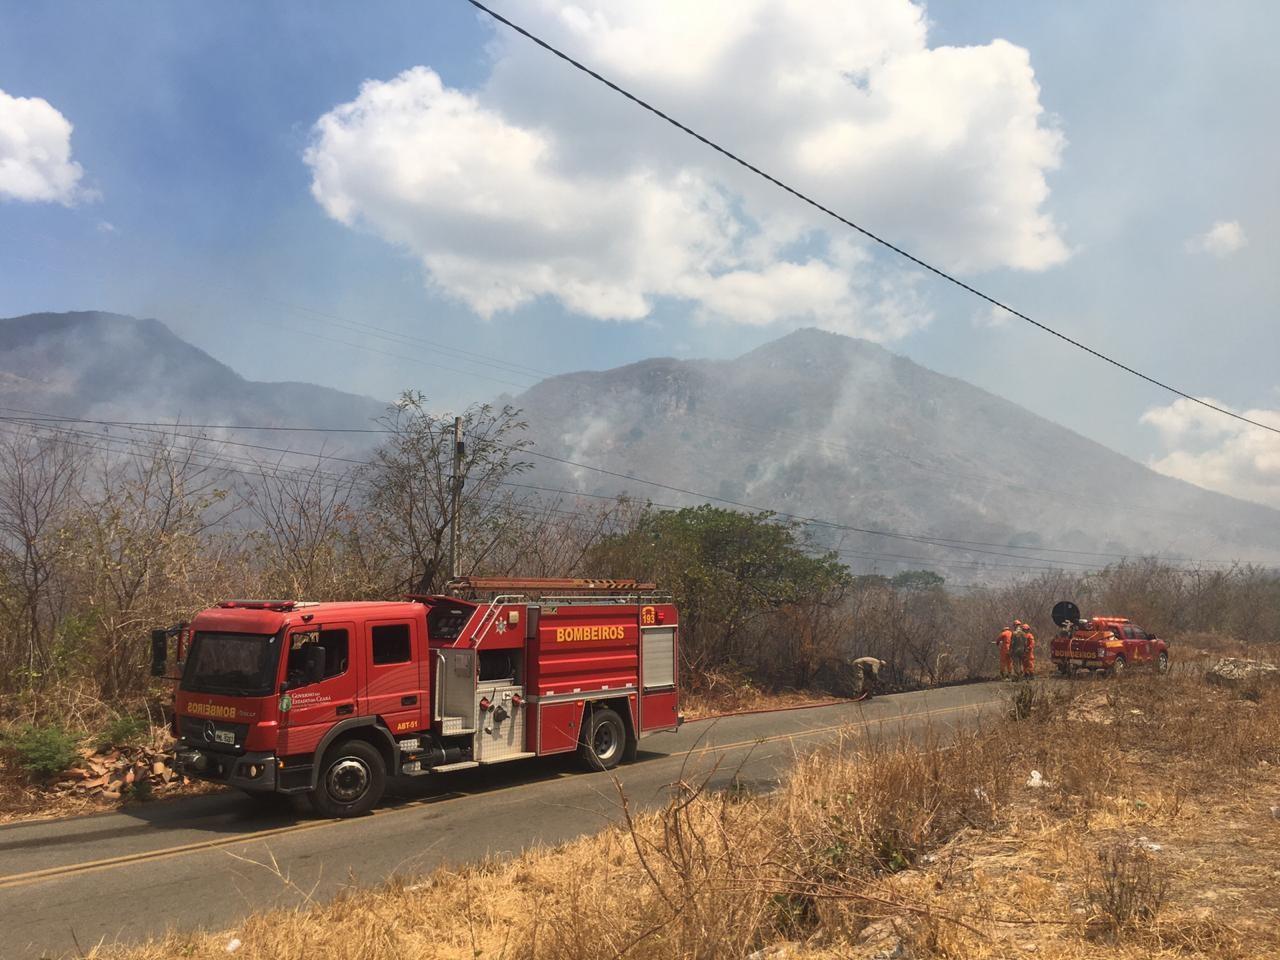 Novos focos de incêndio surgem após Corpo de Bombeiros controlar fogo em Itapipoca, no Ceará